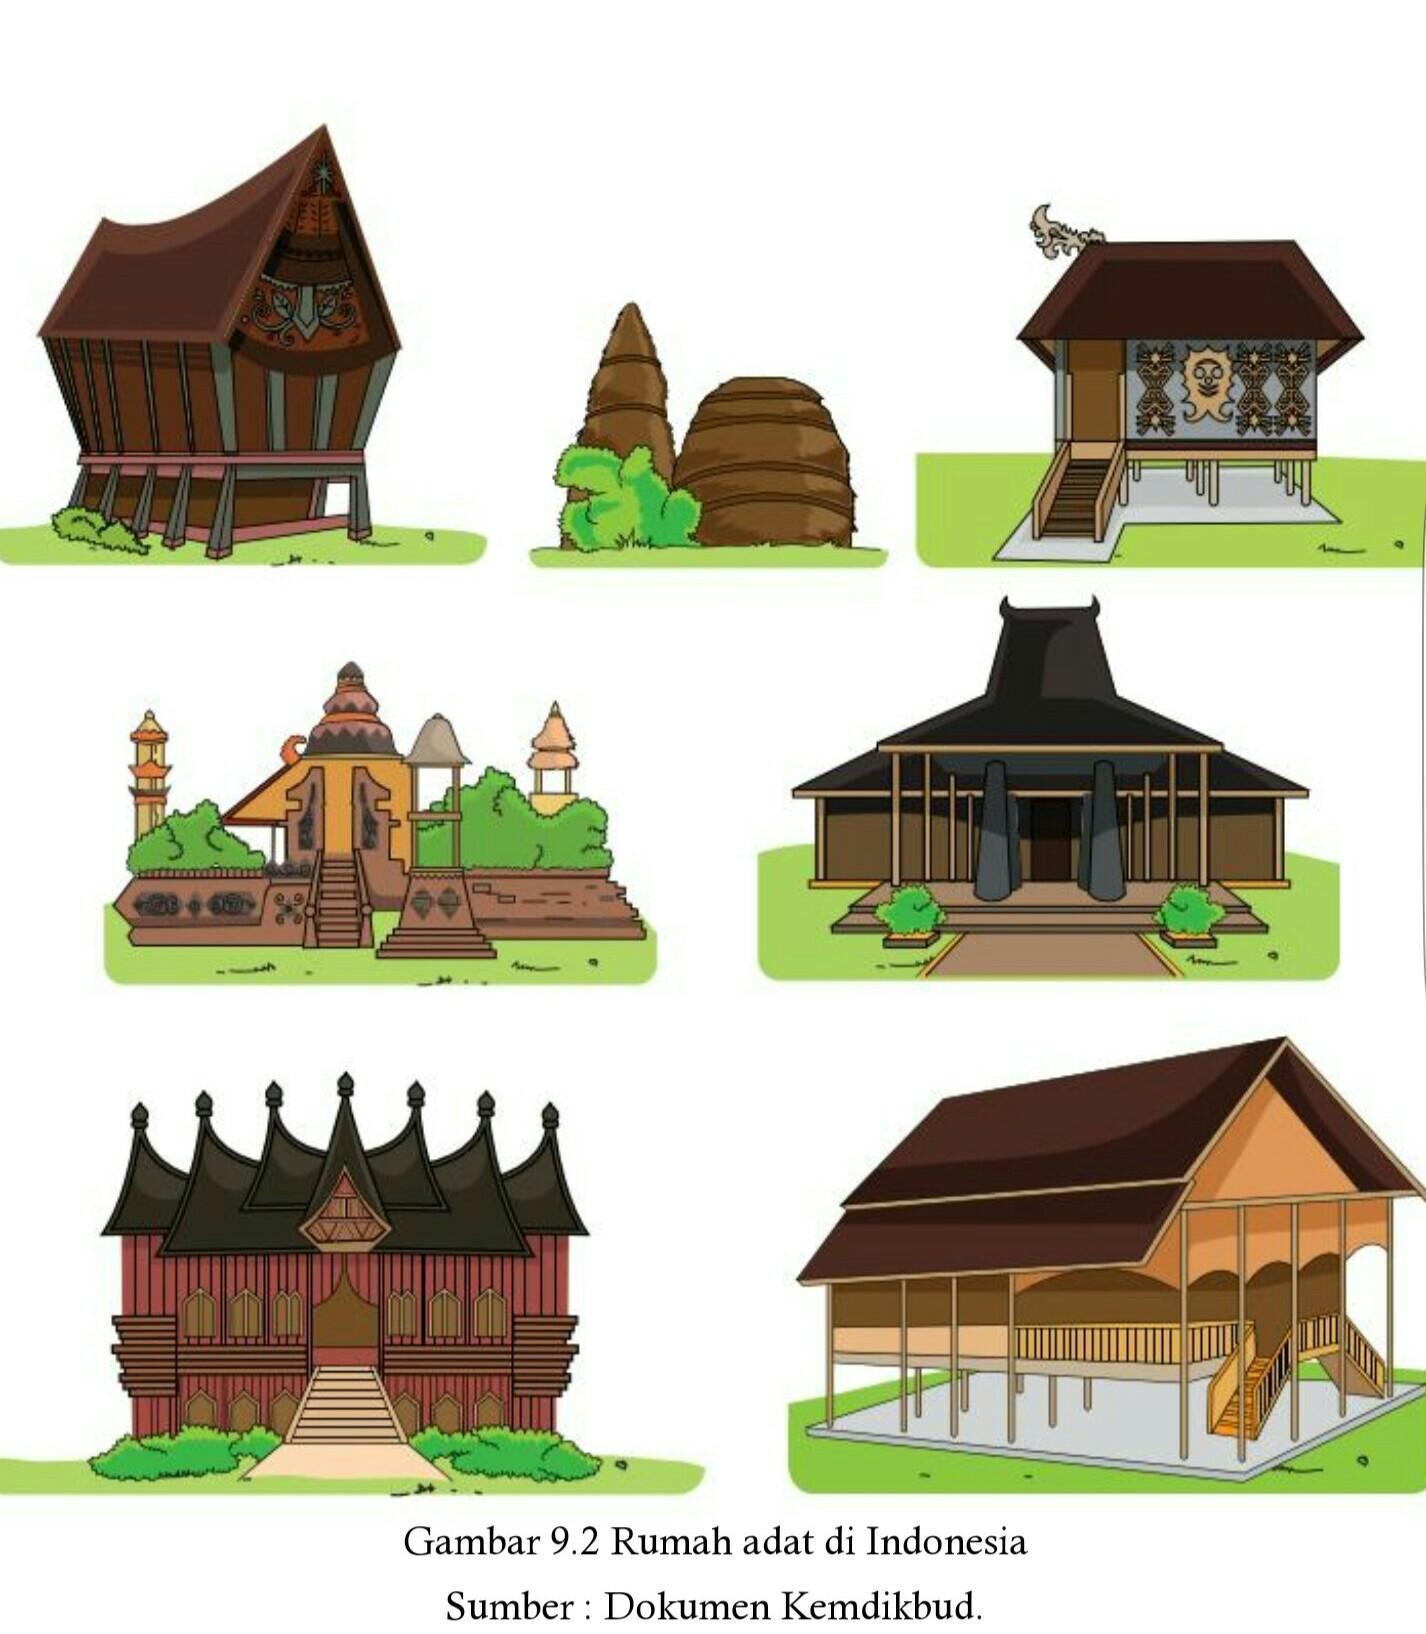 880 Gambar Rumah Adat Dan Nama Asalnya Gratis Gambar